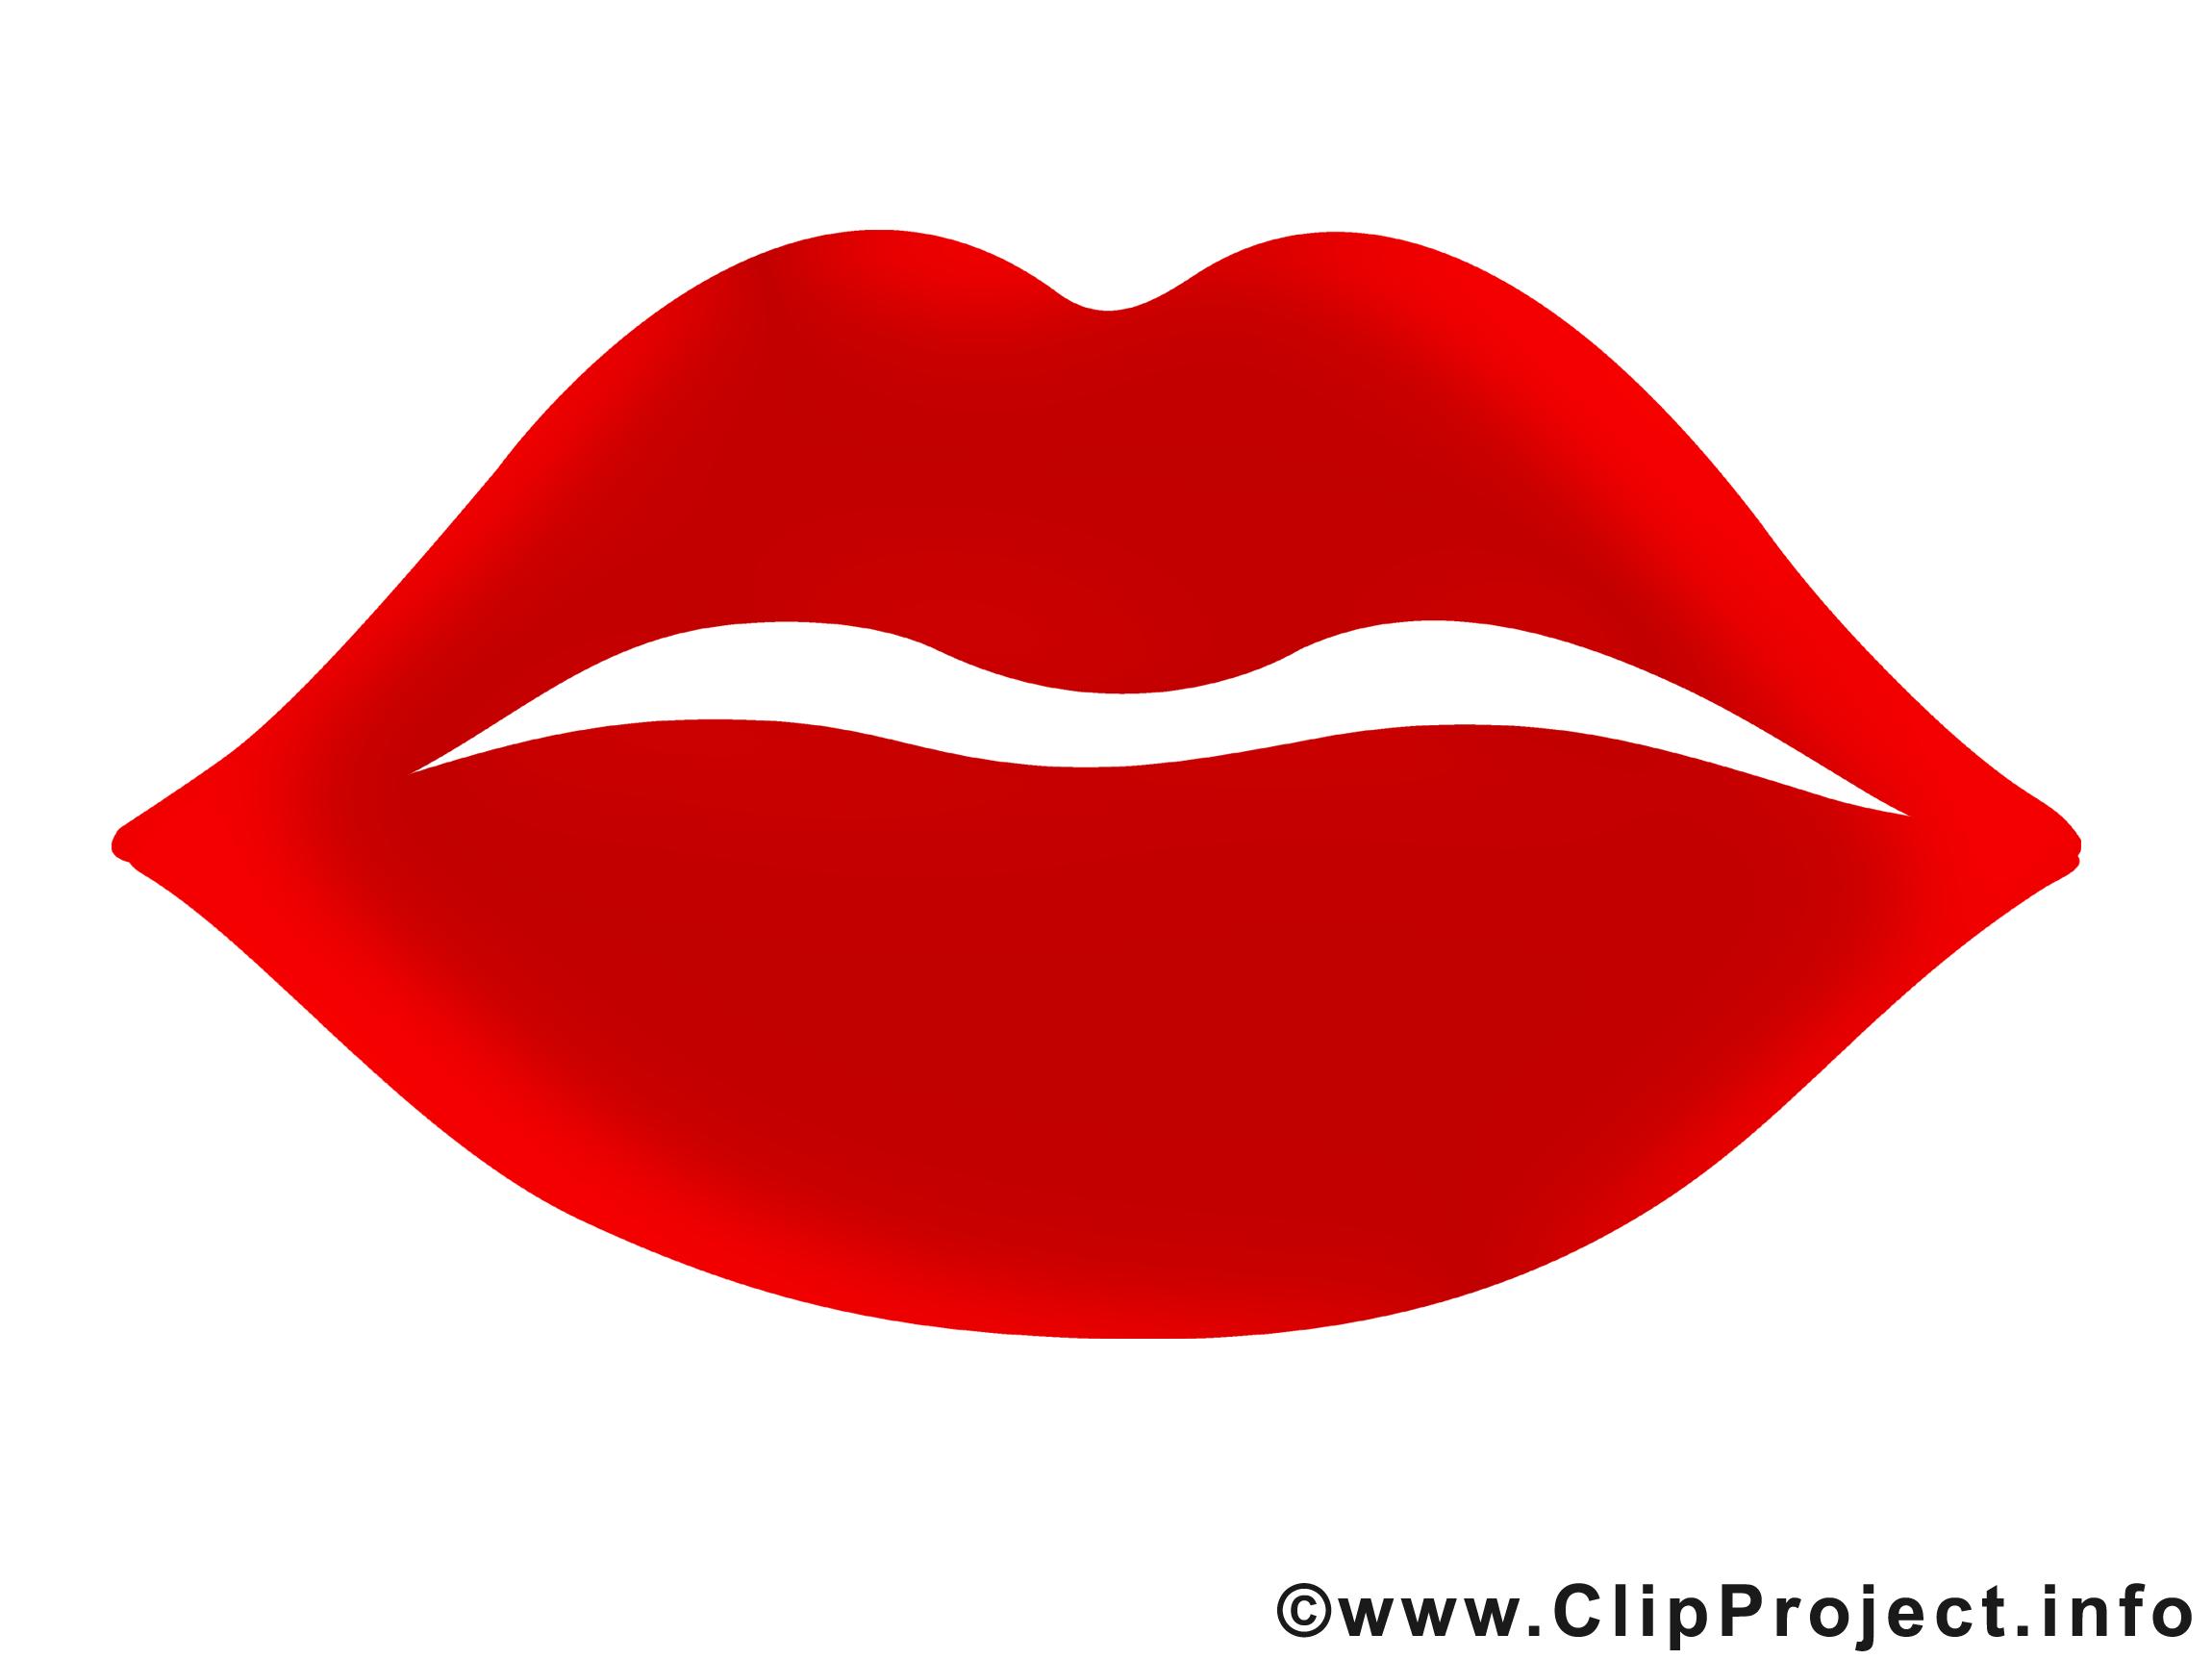 Lèvres dessin illustration à télécharger gratuite